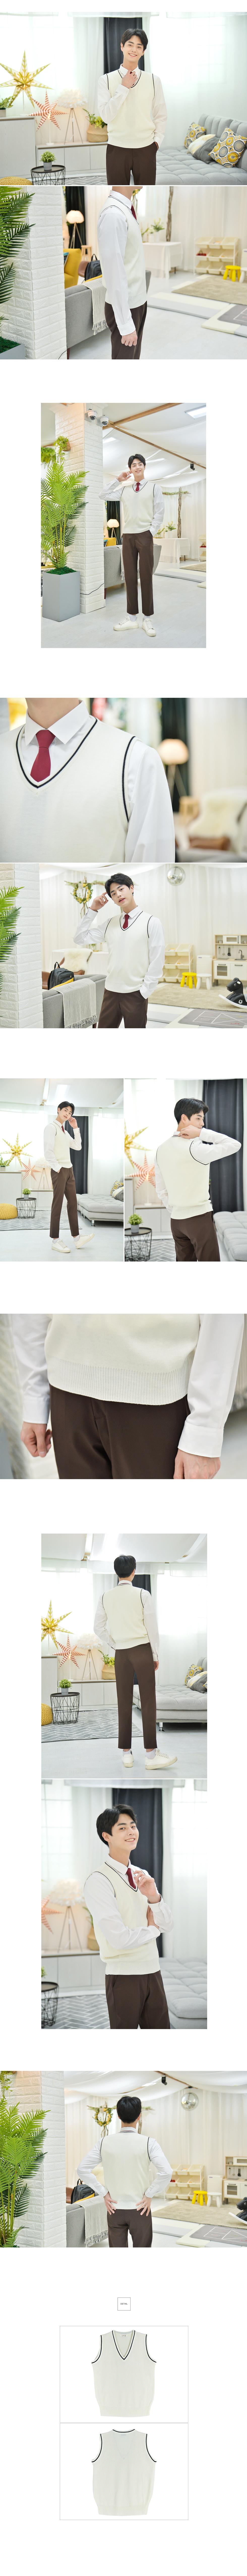 보풀방지 아이보리 블랙 교복조끼(남자) - 교복몰, 19,800원, 남성 스쿨룩, 상의